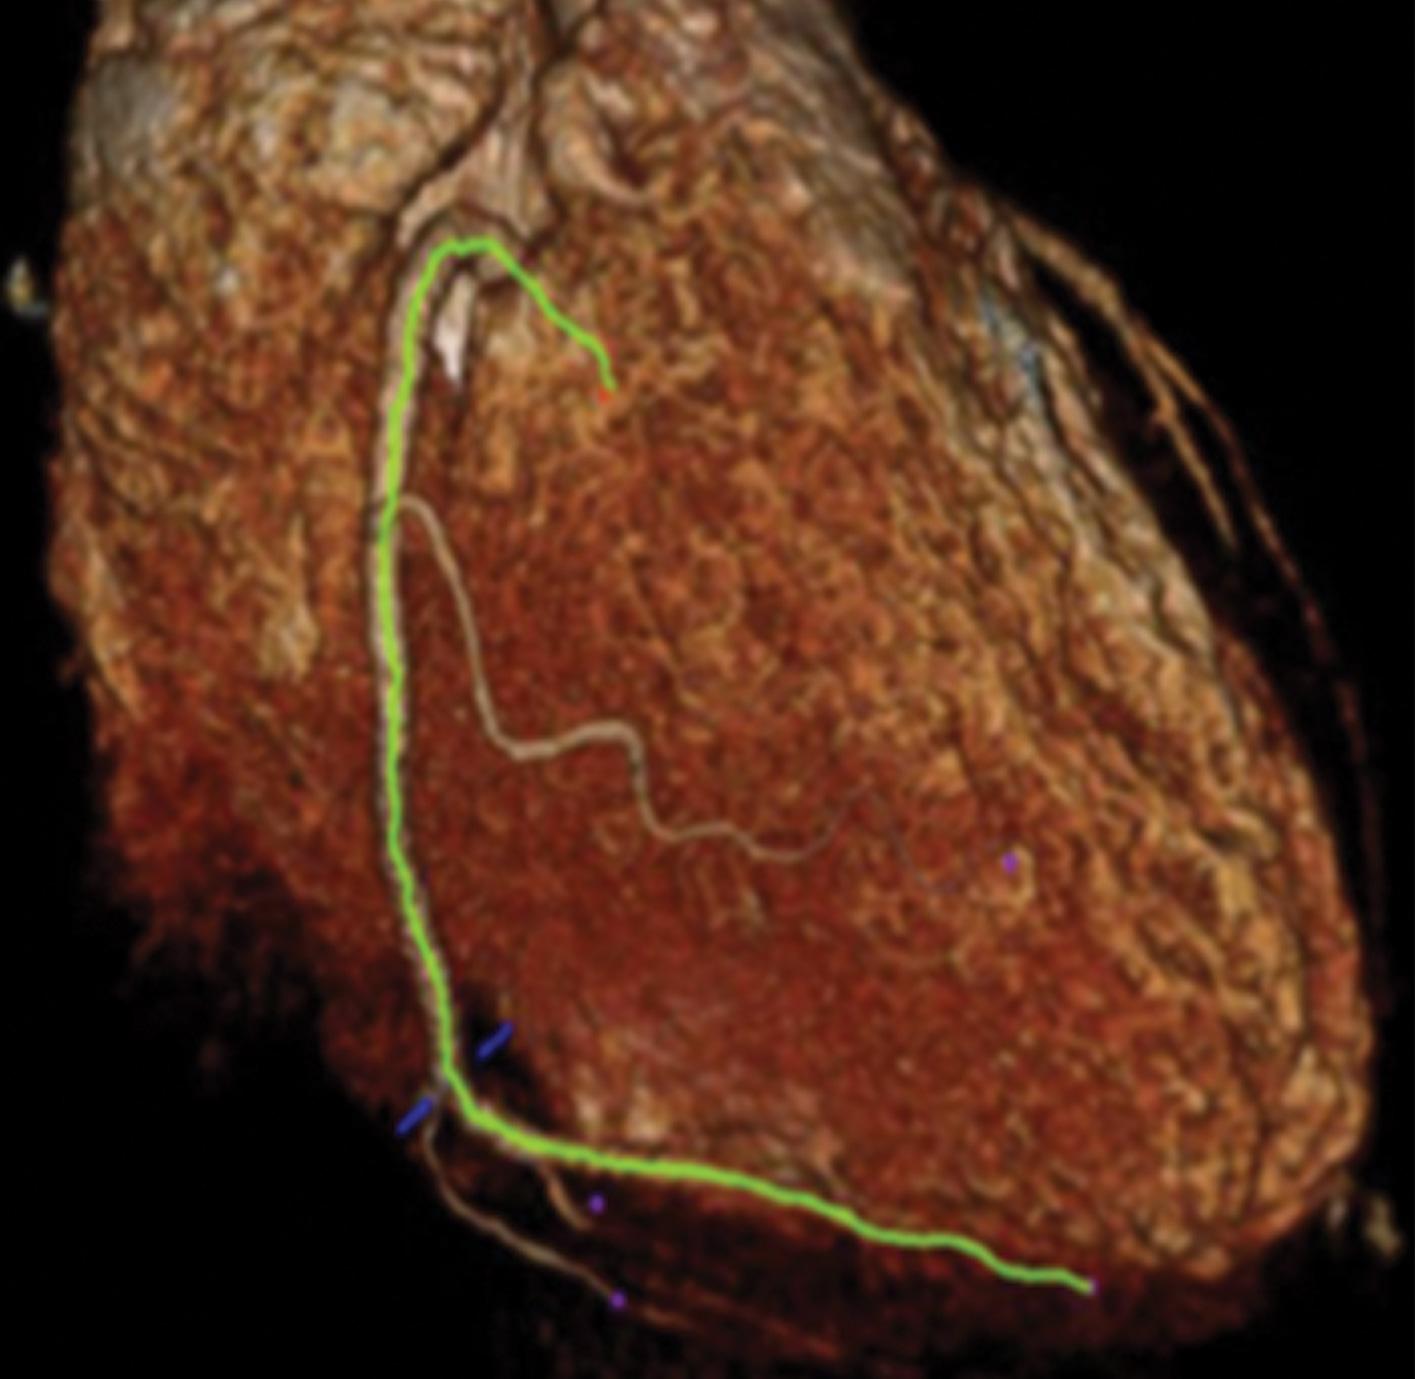 Νέα, μη επεμβατική τεχνική απεικόνισης εντοπίζει καρδιακή νόσο πριν τα συμπτώματα